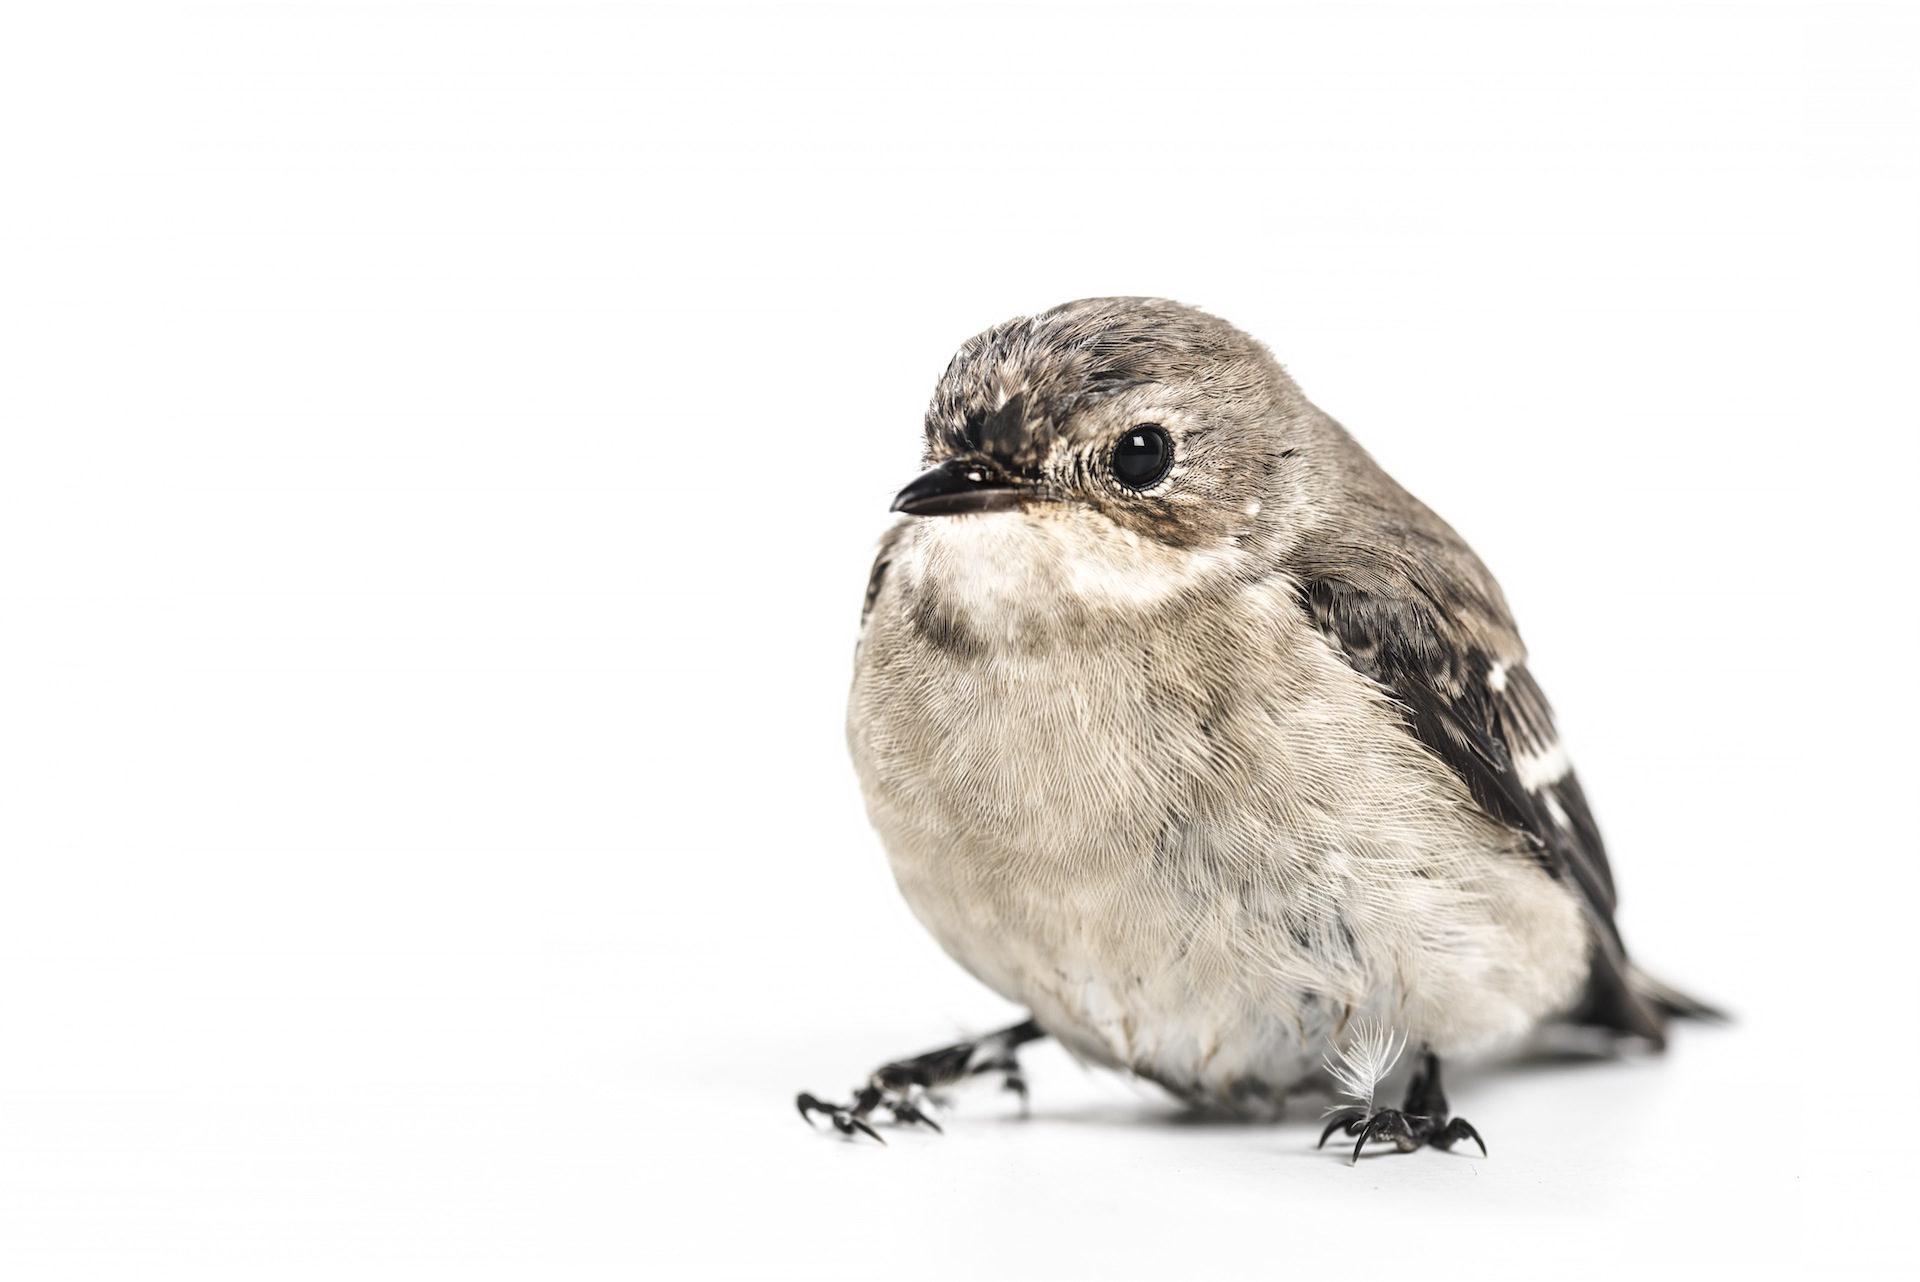 Pardal, Pássaro, Olha, olhos, plumagem - Papéis de parede HD - Professor-falken.com